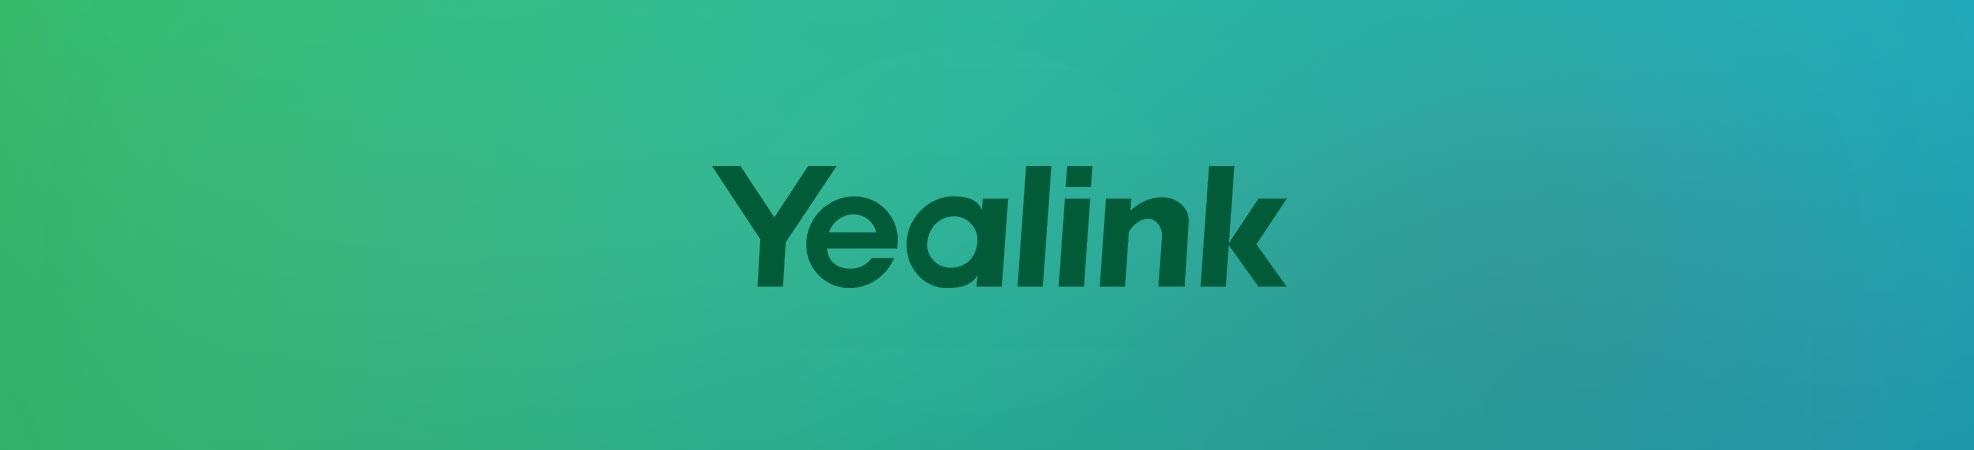 Yealink-top-banner